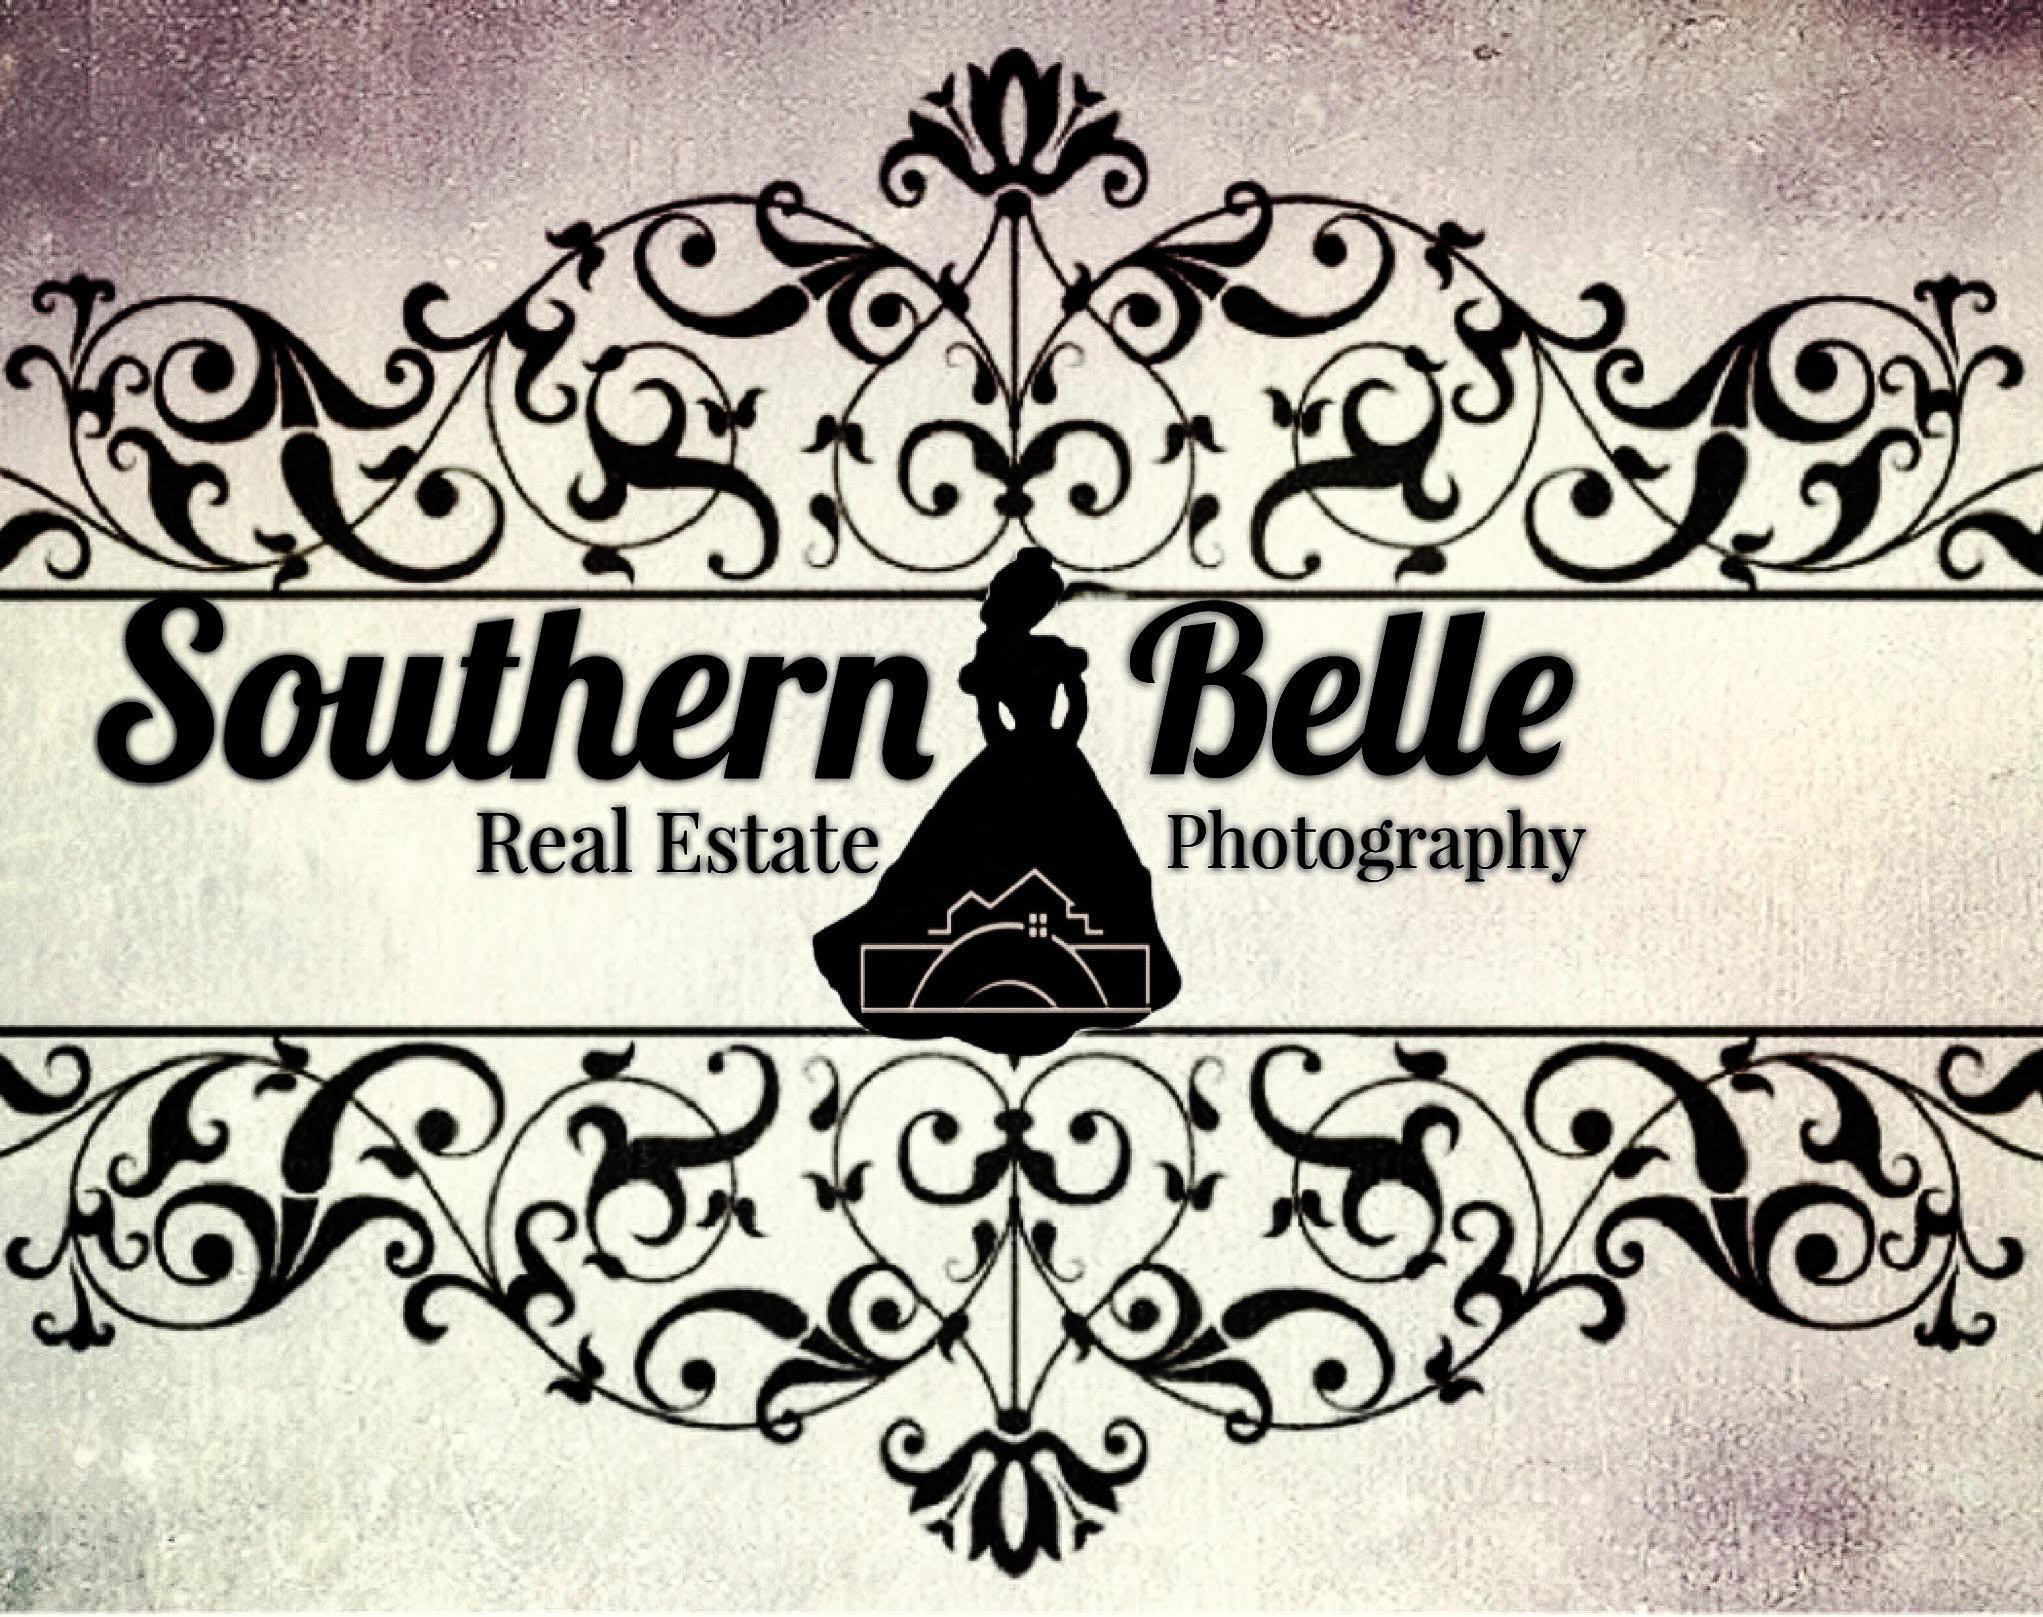 Southern Belle LOGO LLC